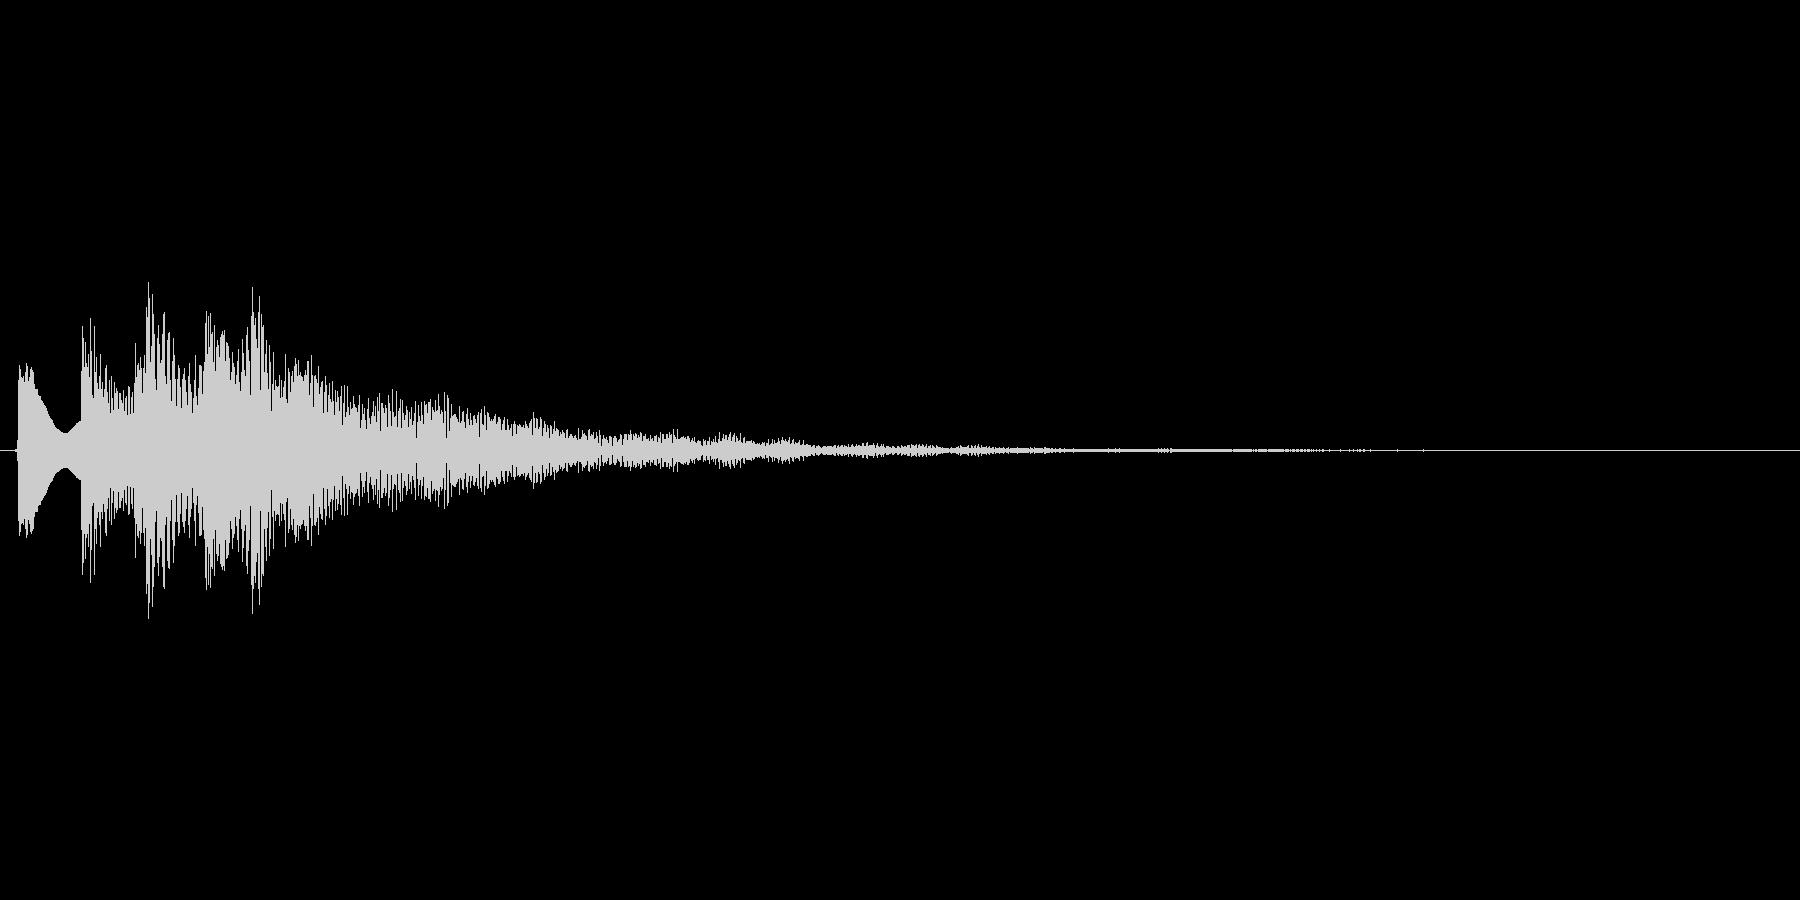 不思議、あやしい音階のキラキラ音_その2の未再生の波形